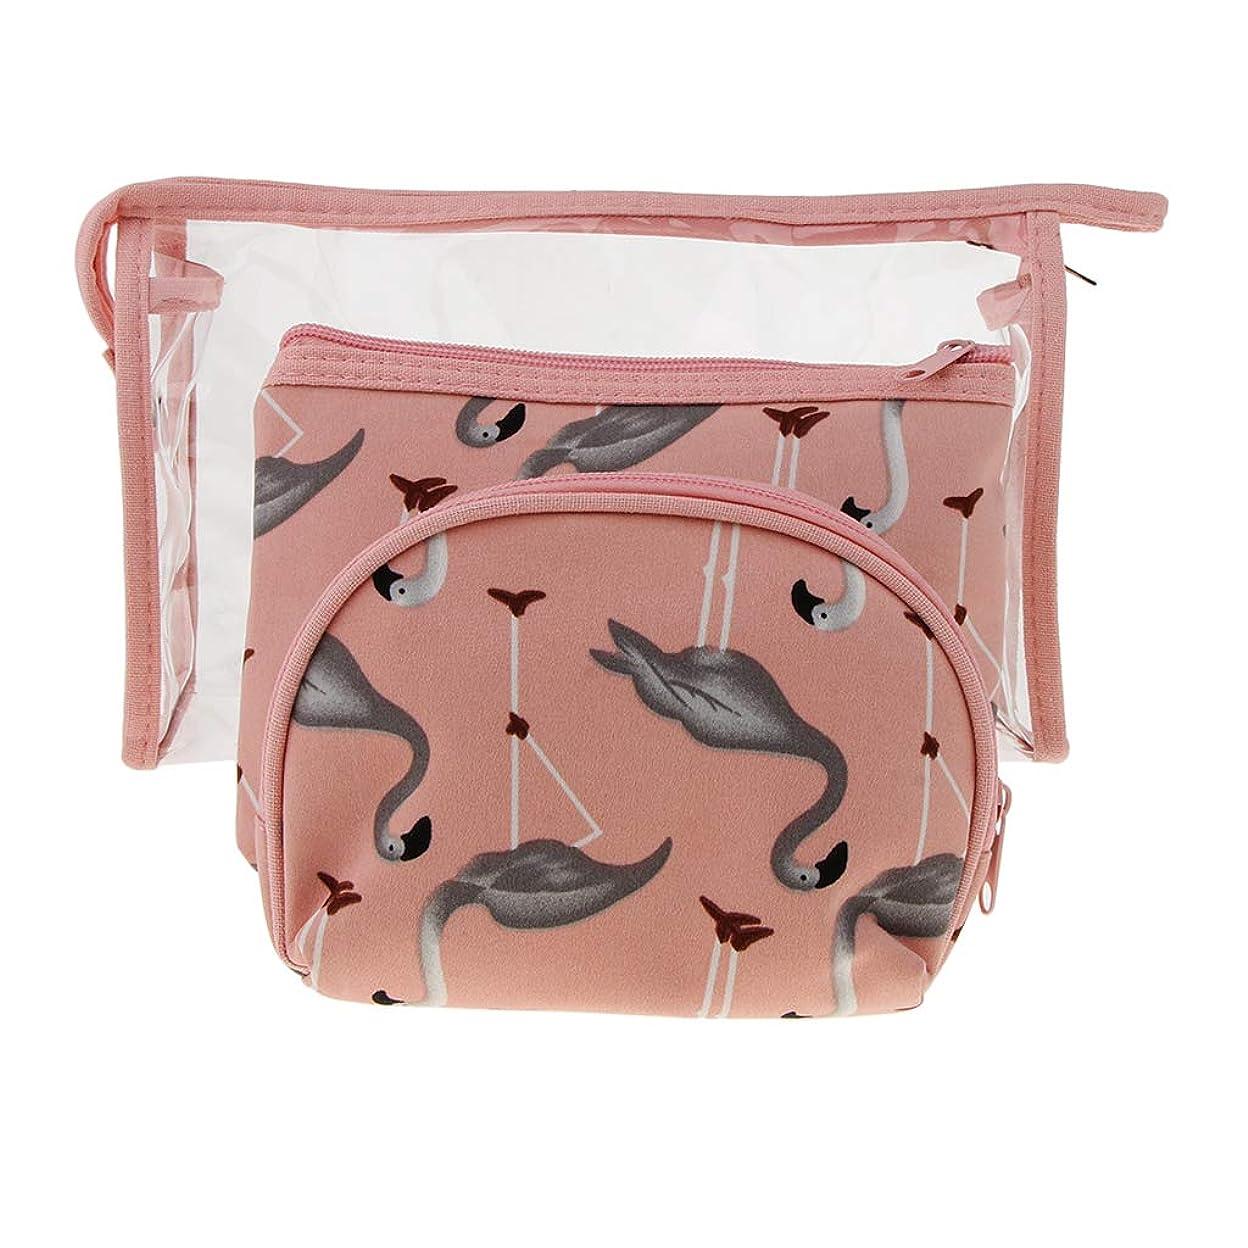 笑はっきりしないホットPerfeclan 3個入 メイクアップバッグ 化粧ポーチ イレタリーバッグ 多機能 洗面用具 PVC 透明 防水 全3色 - ピンク